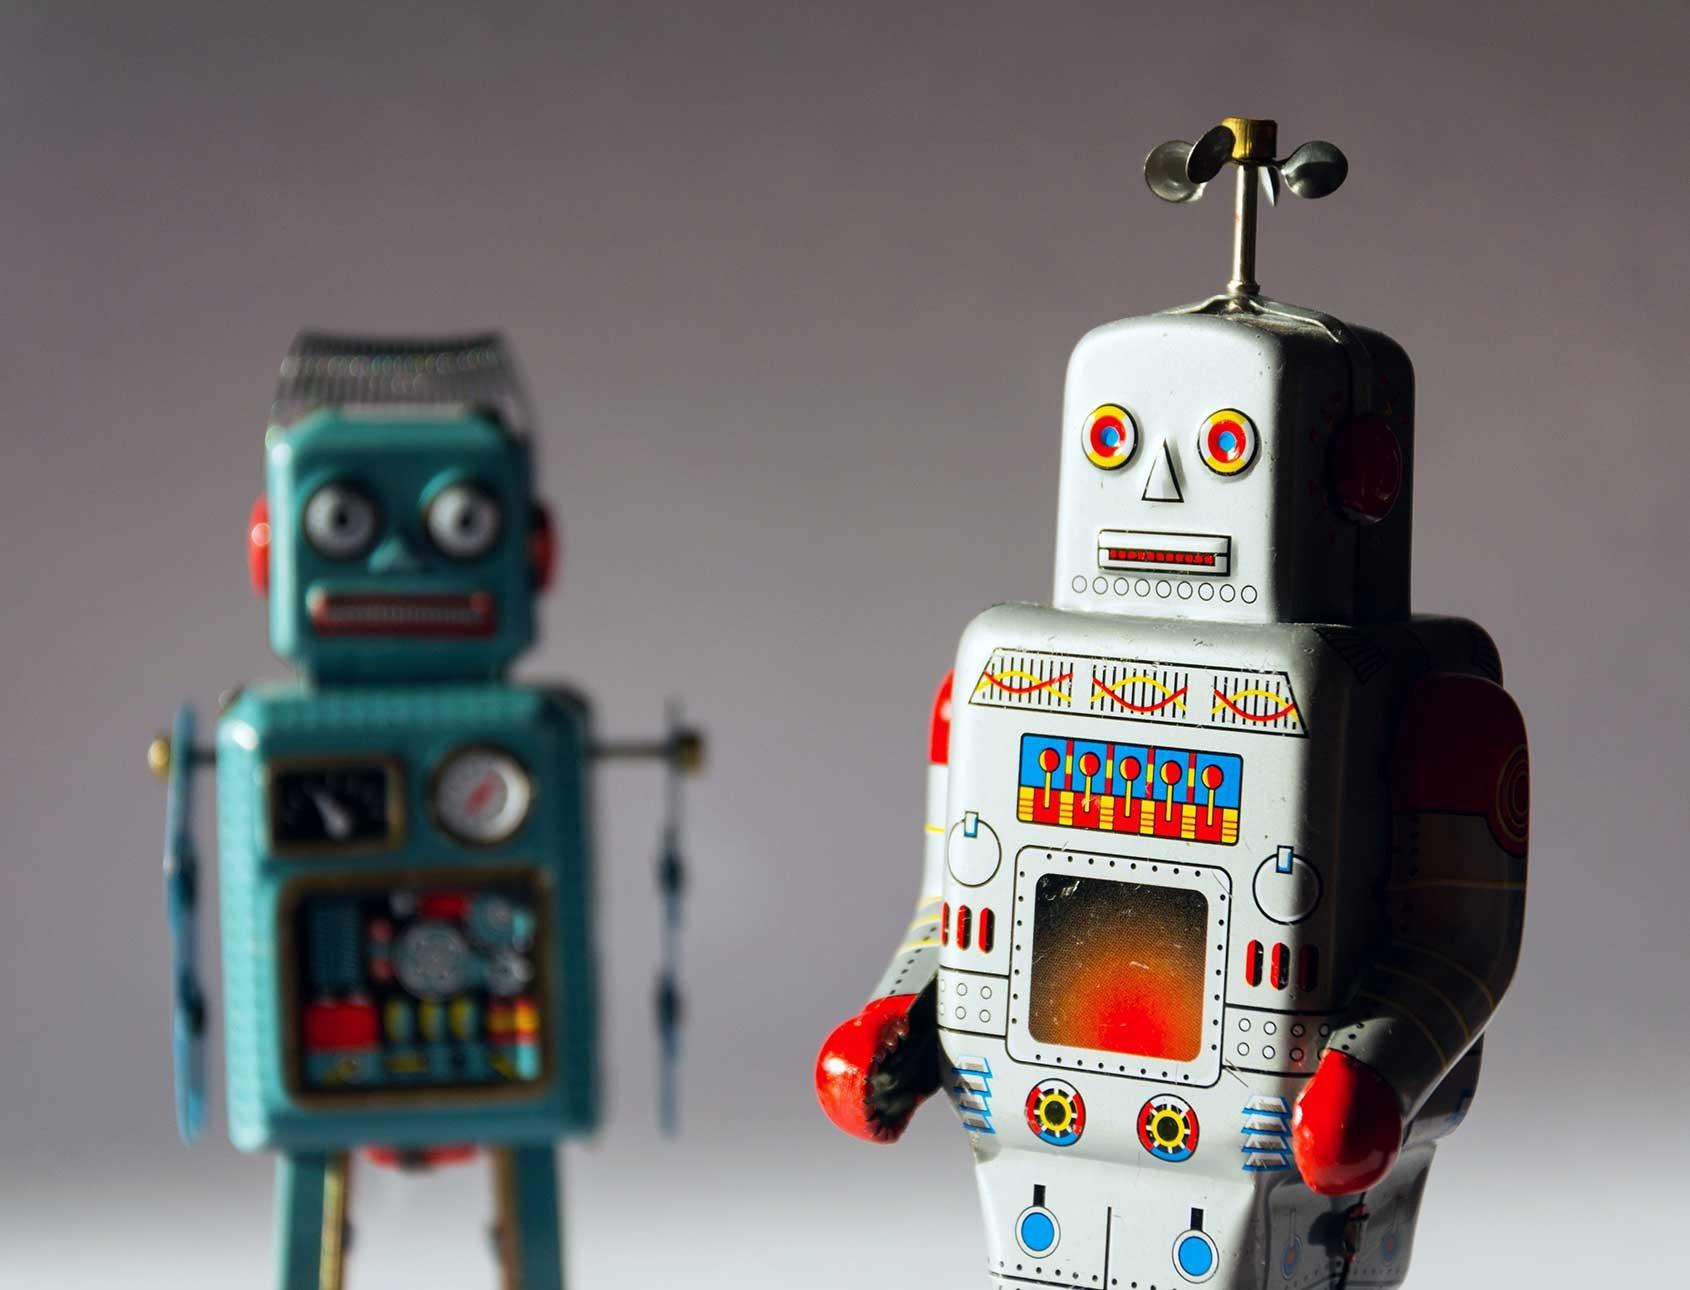 Vendite, intelligenza artificiale, machine learning: tutto quello che hai bisogno di sapere